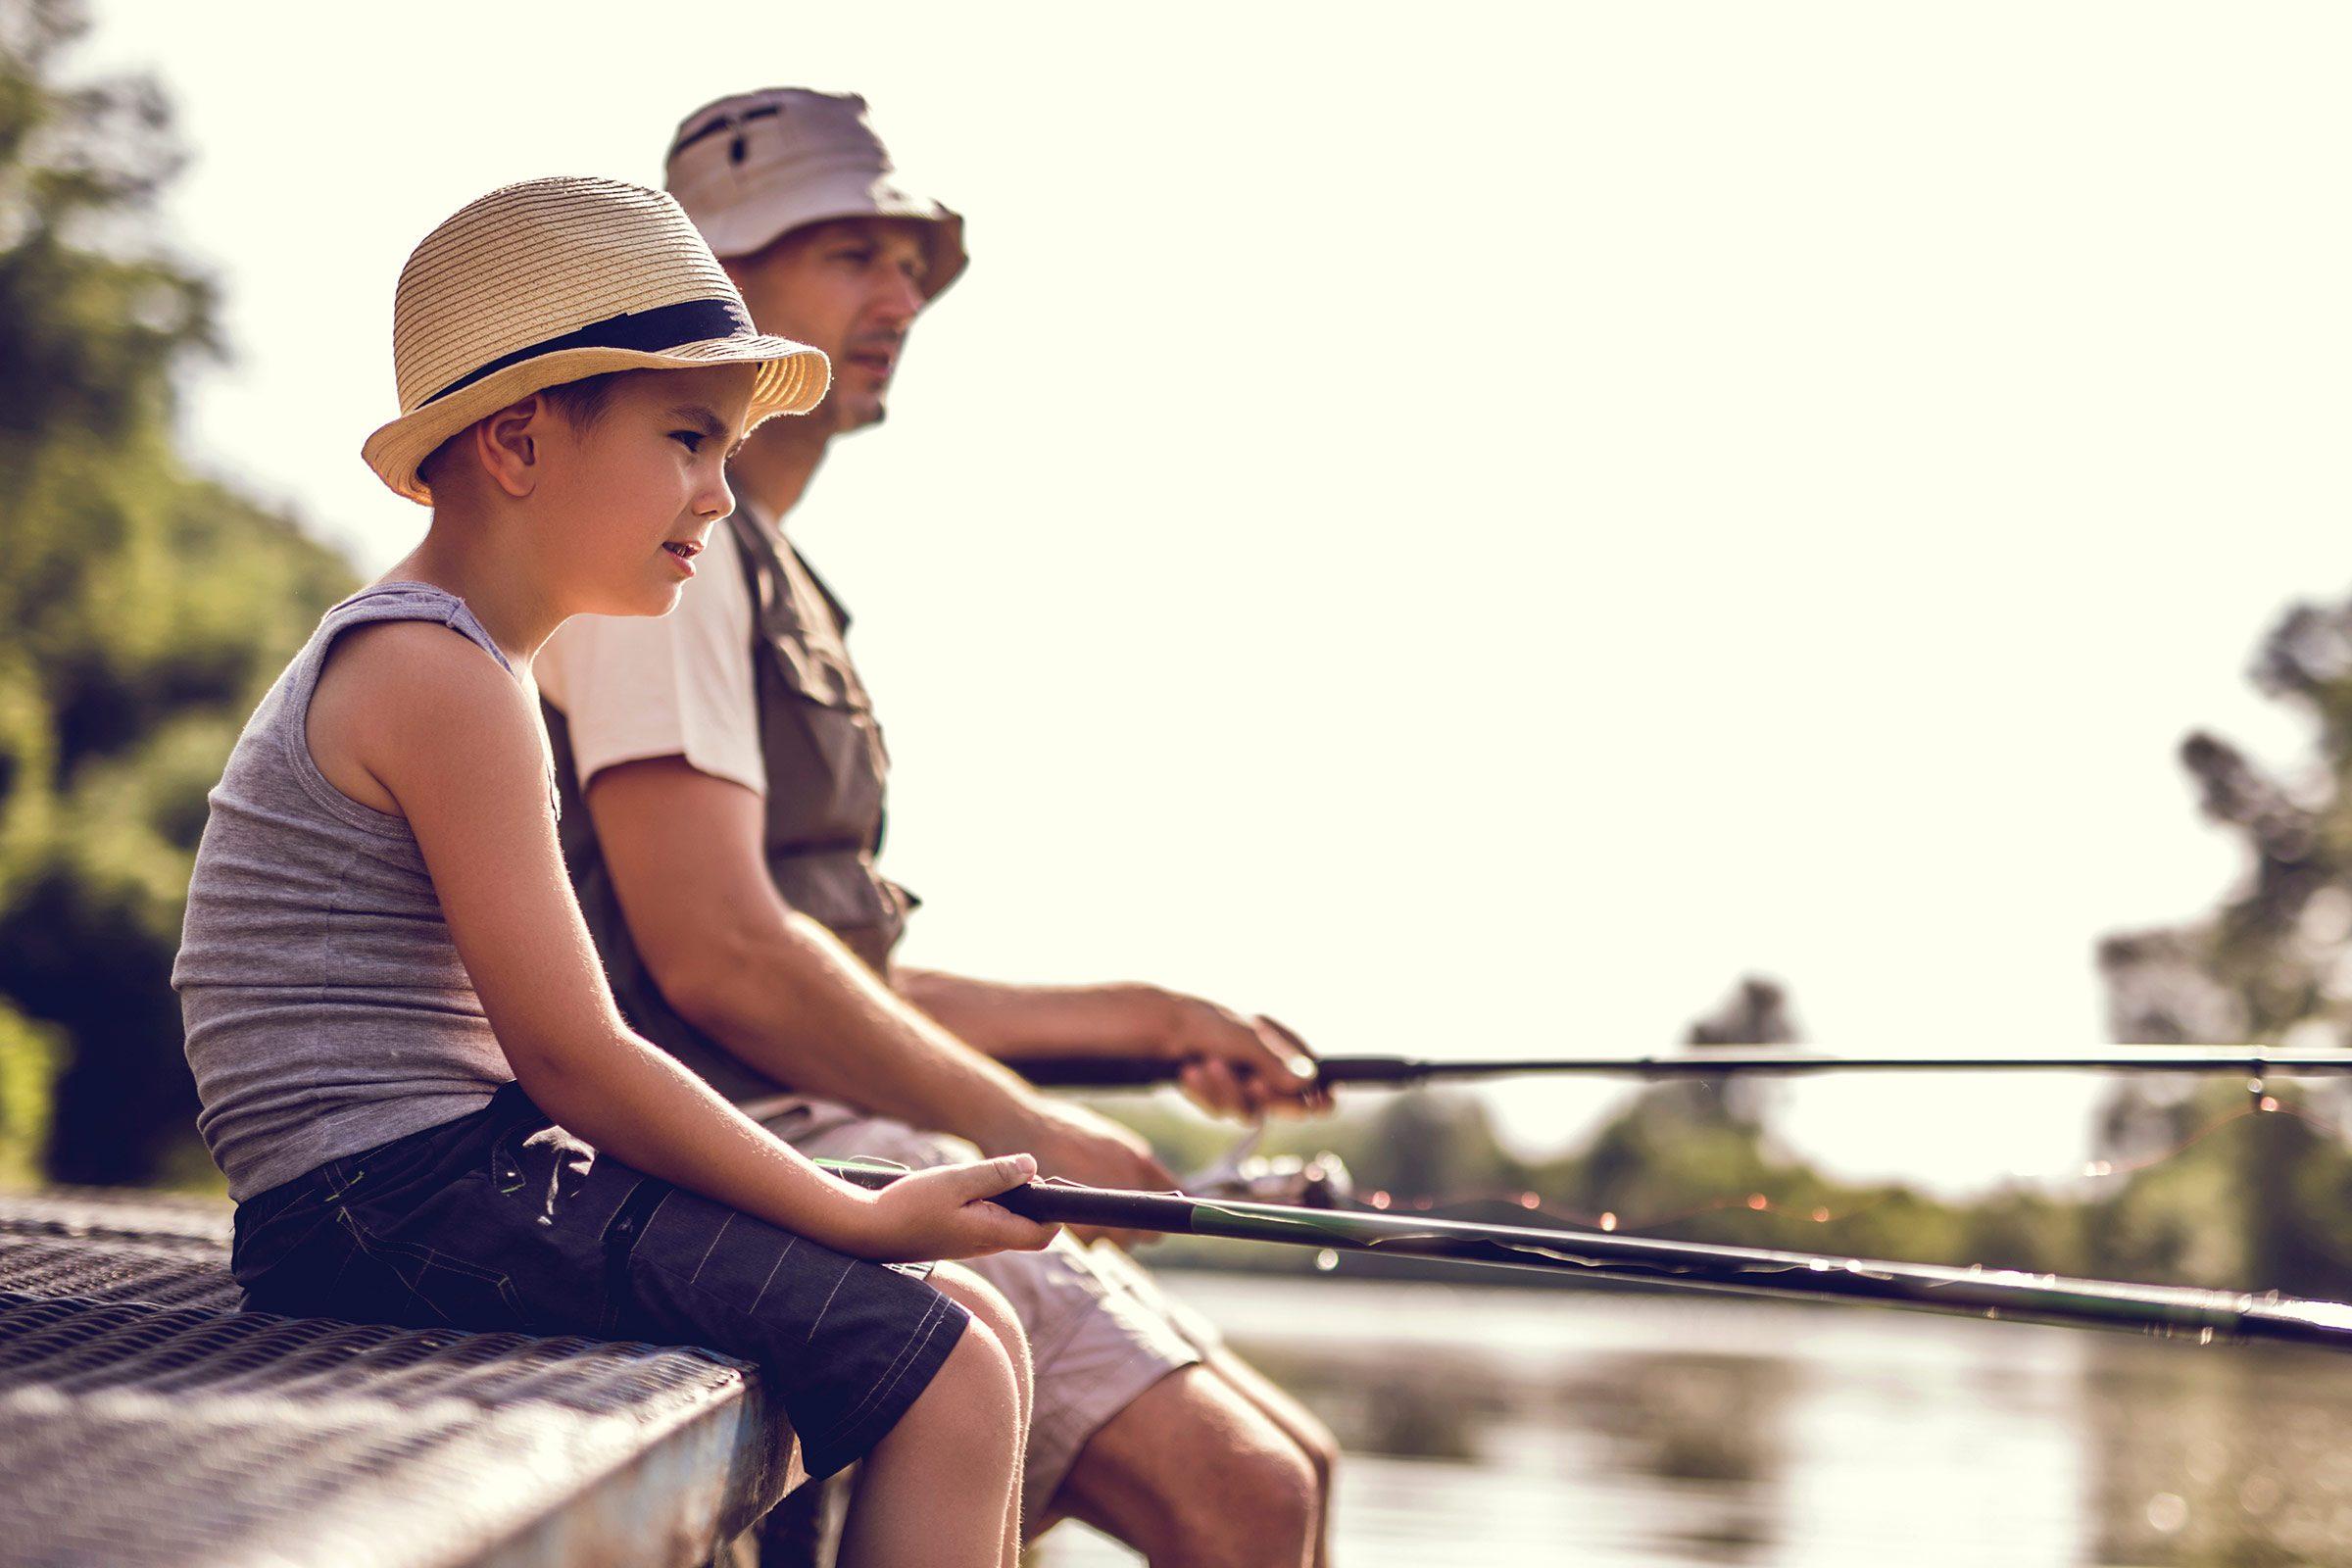 Fishing dad